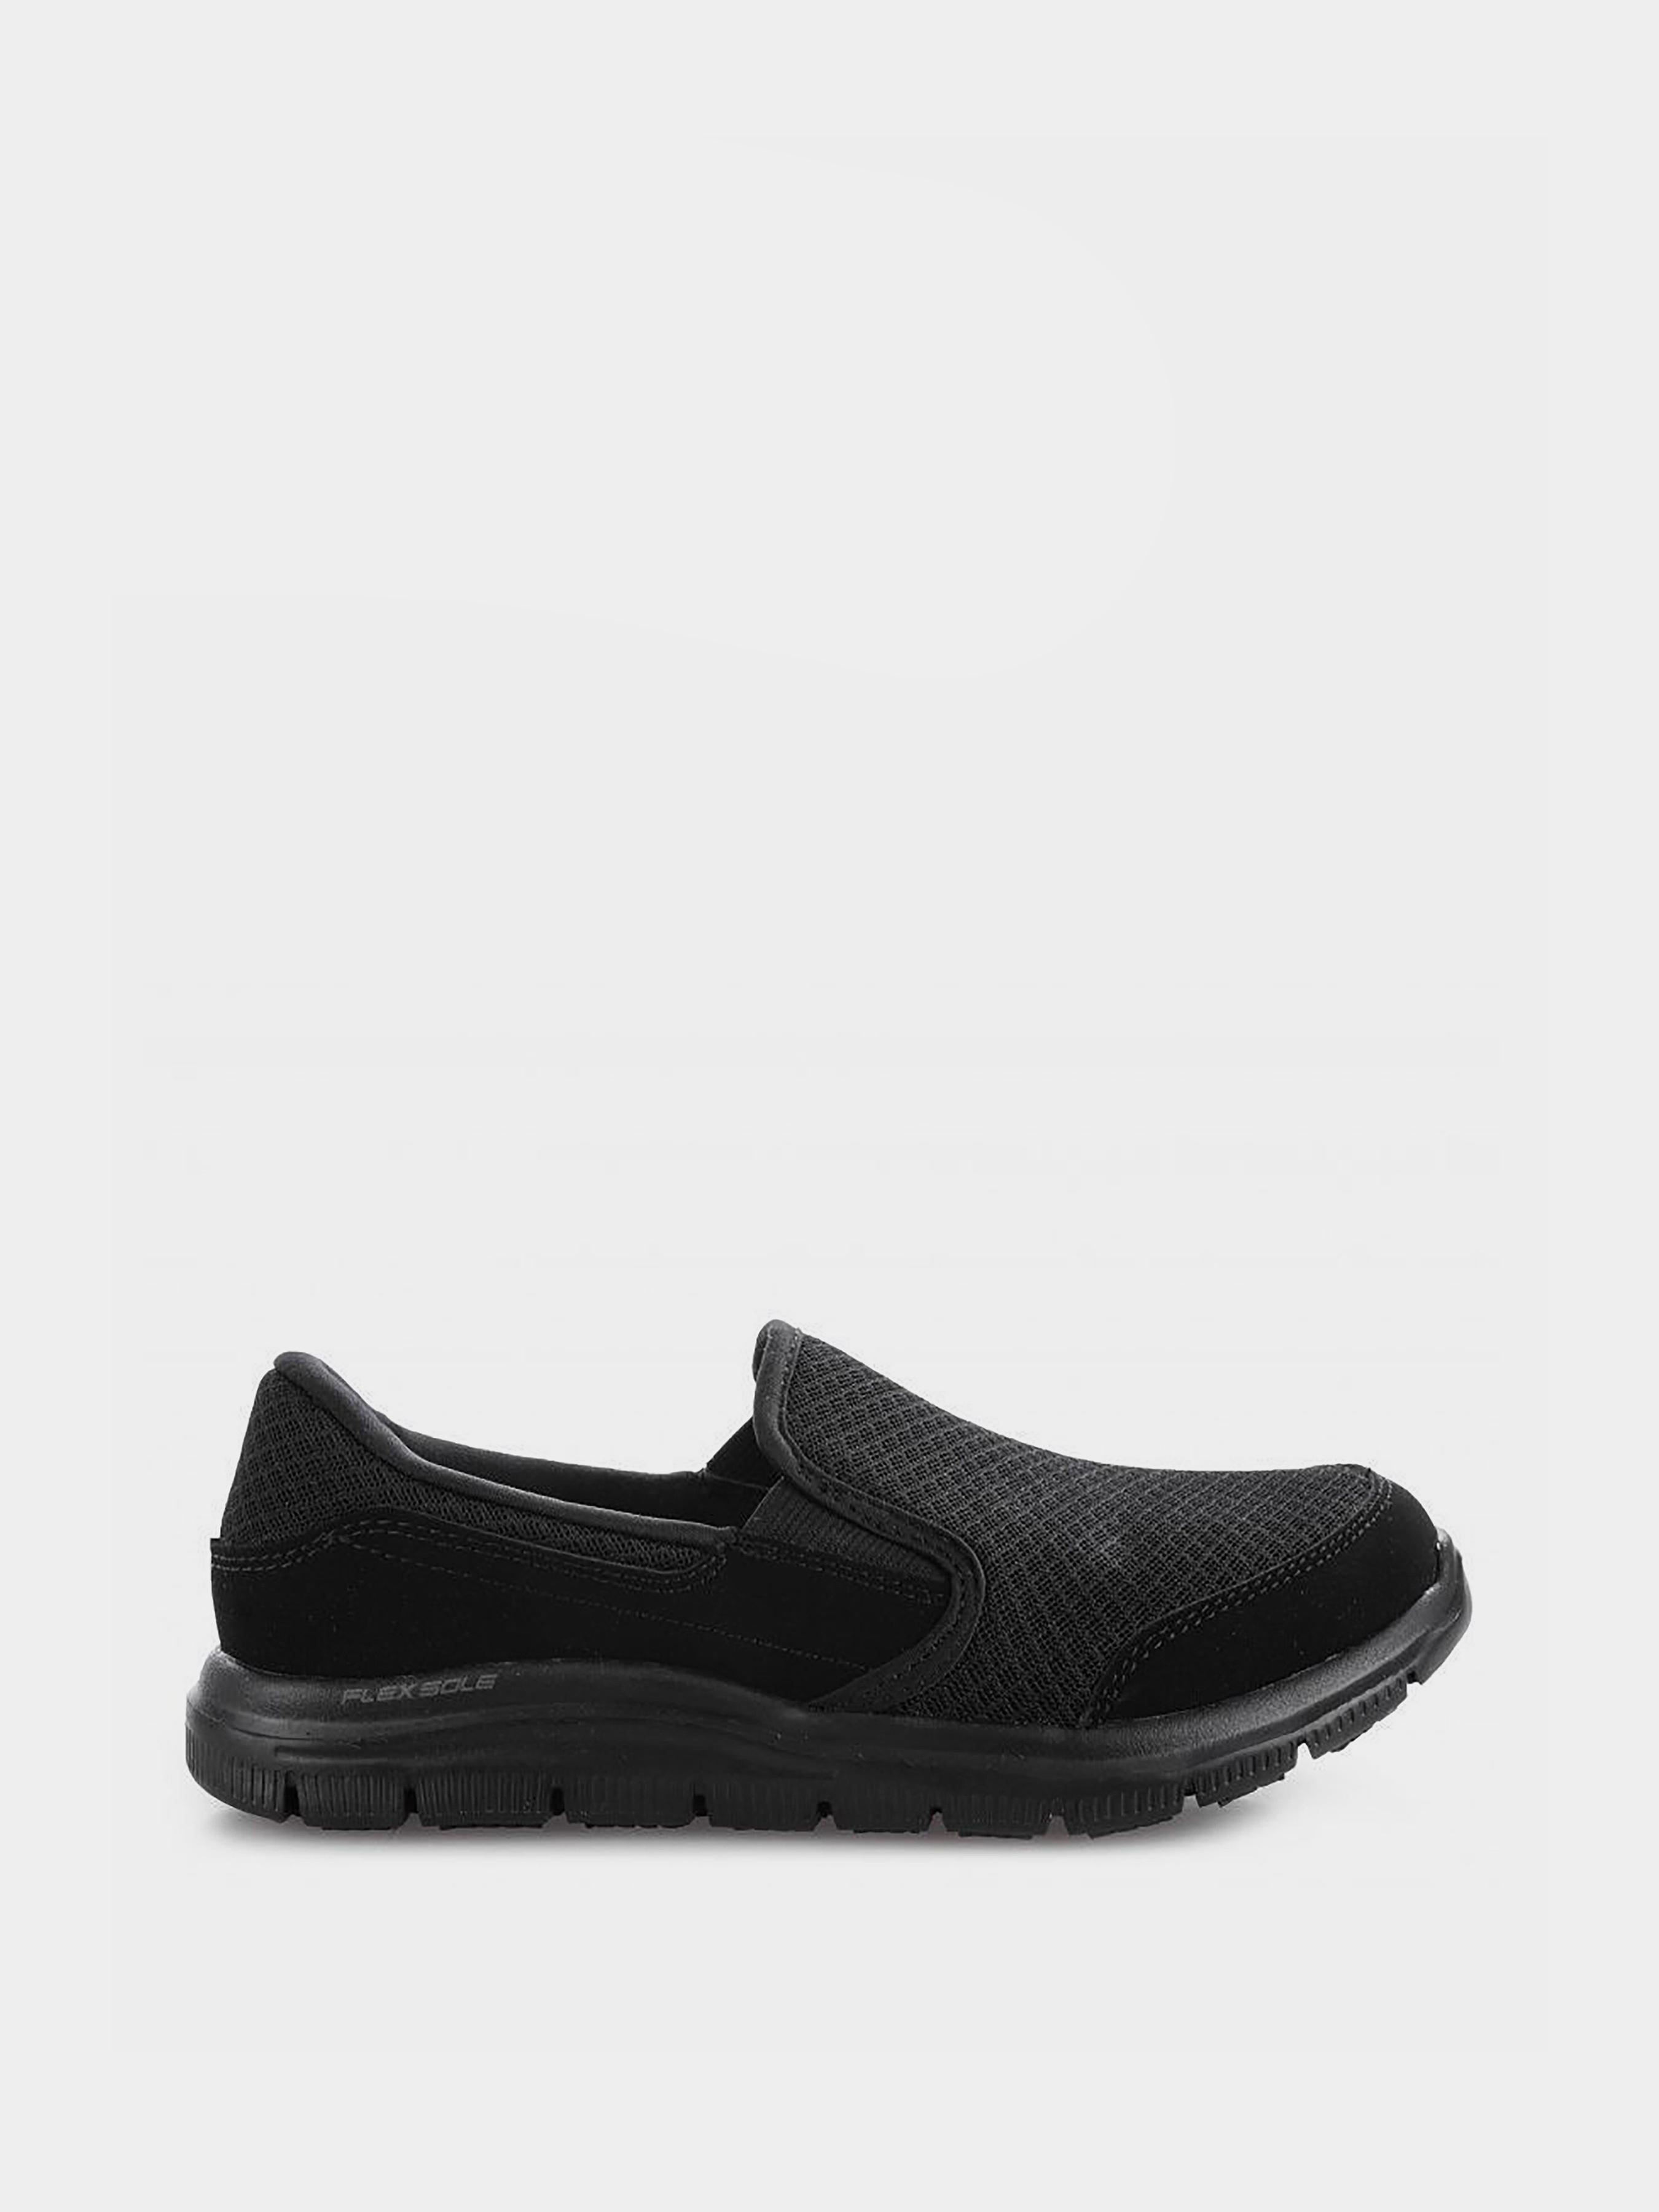 Купить Cлипоны для женщин Skechers KW4777, Черный